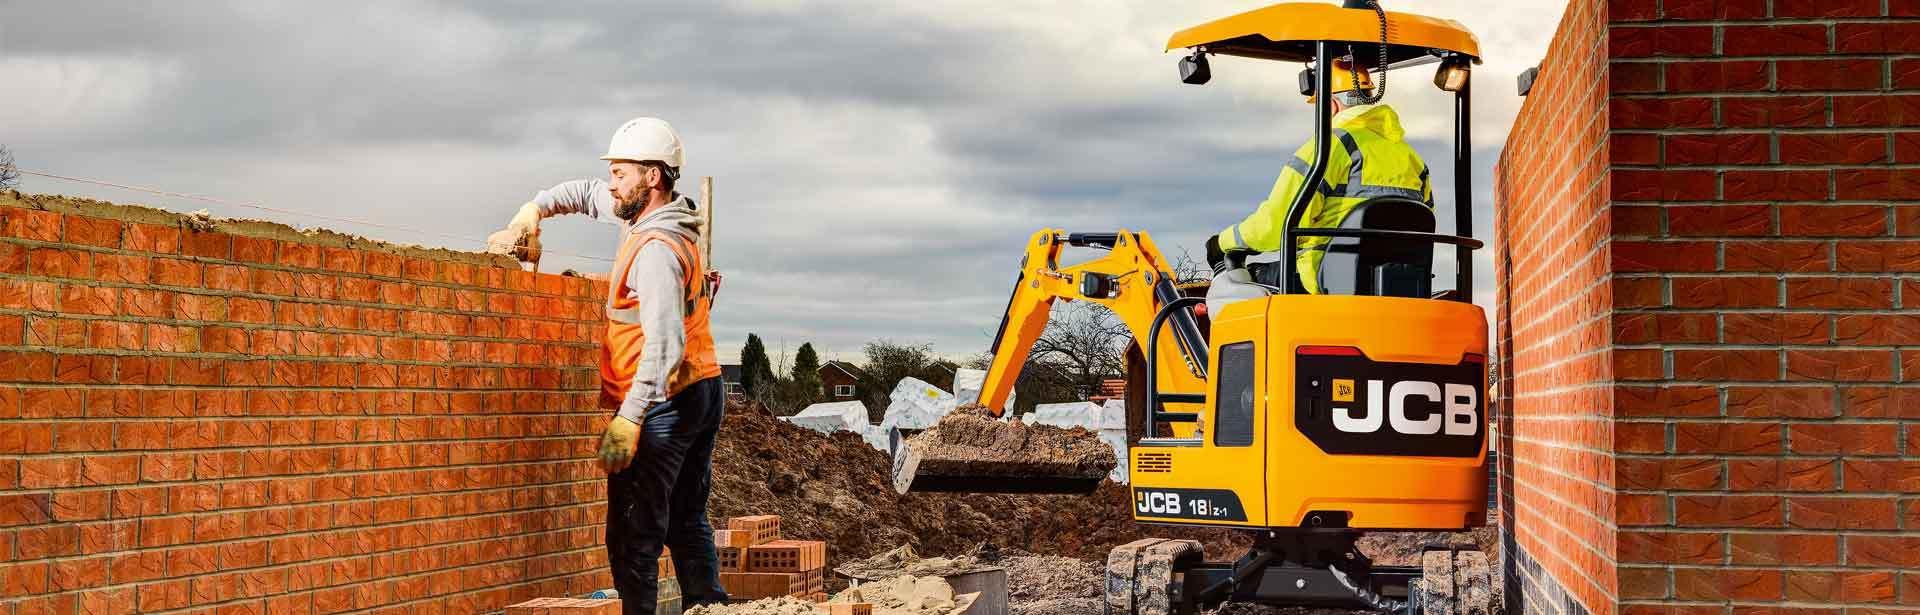 JCB 18Z Mini Excavator